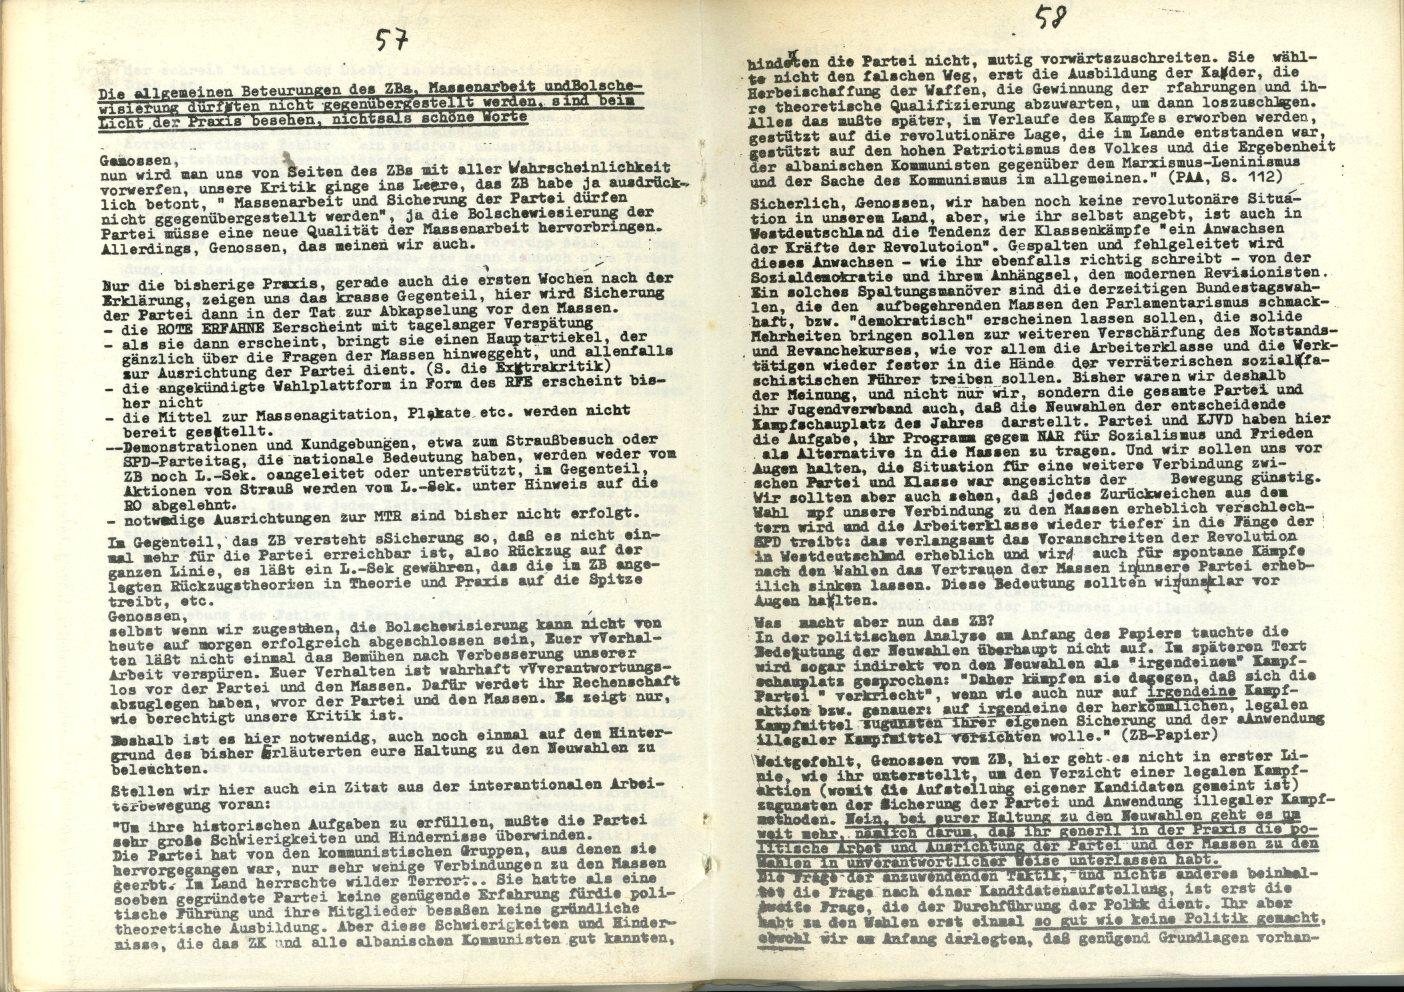 ZB_1972_Diskussionsorgan_zur_ersten_Parteikonferenz_32